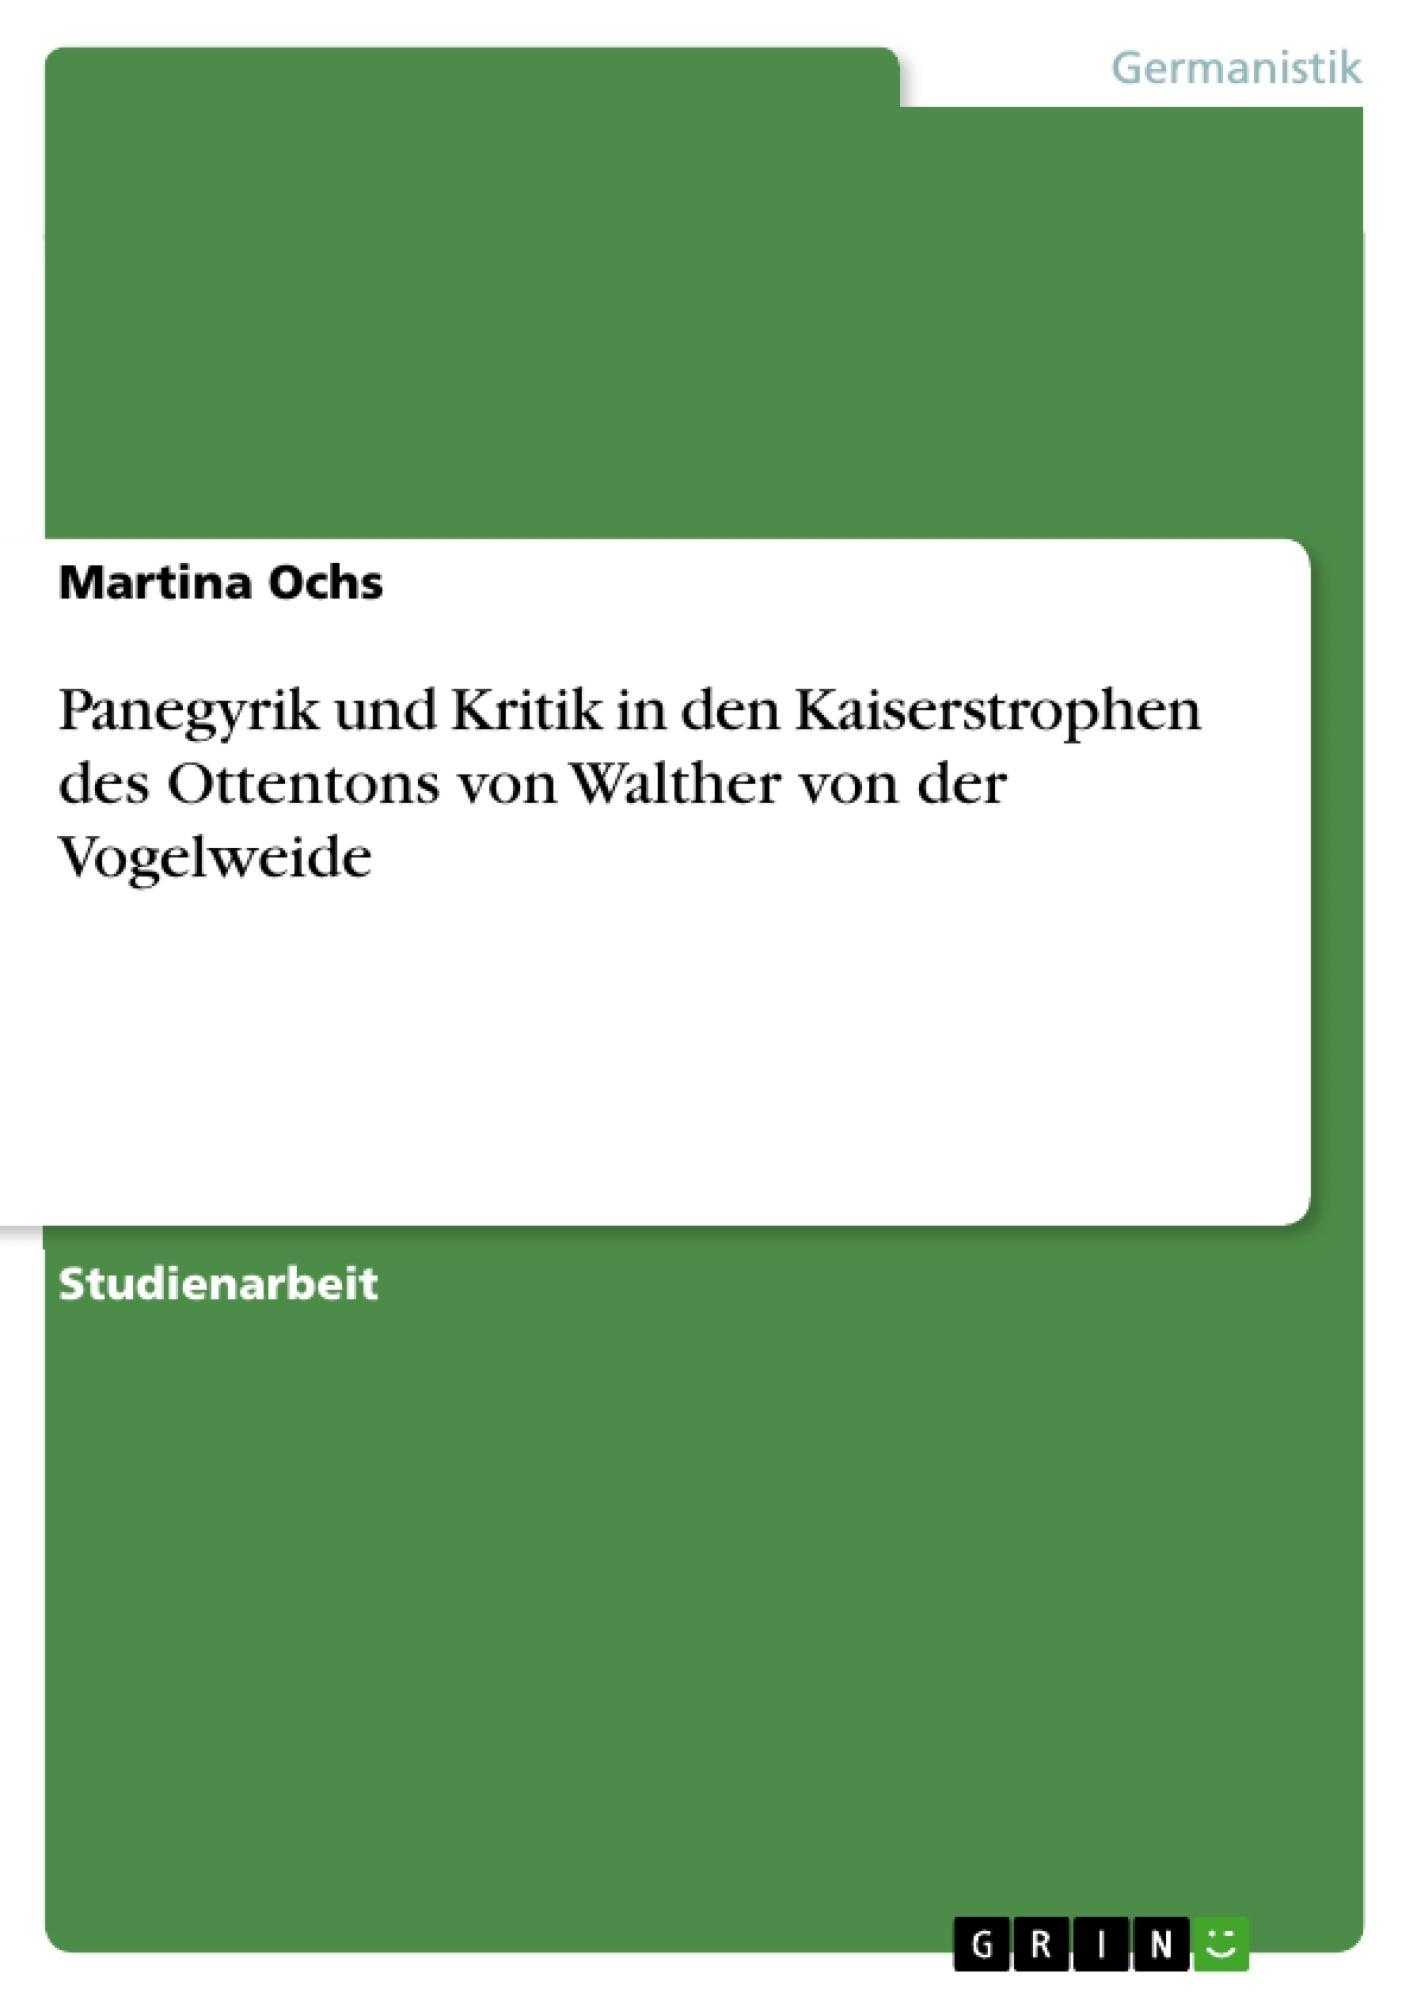 Titel: Panegyrik und Kritik in den Kaiserstrophen des Ottentons von Walther von der Vogelweide